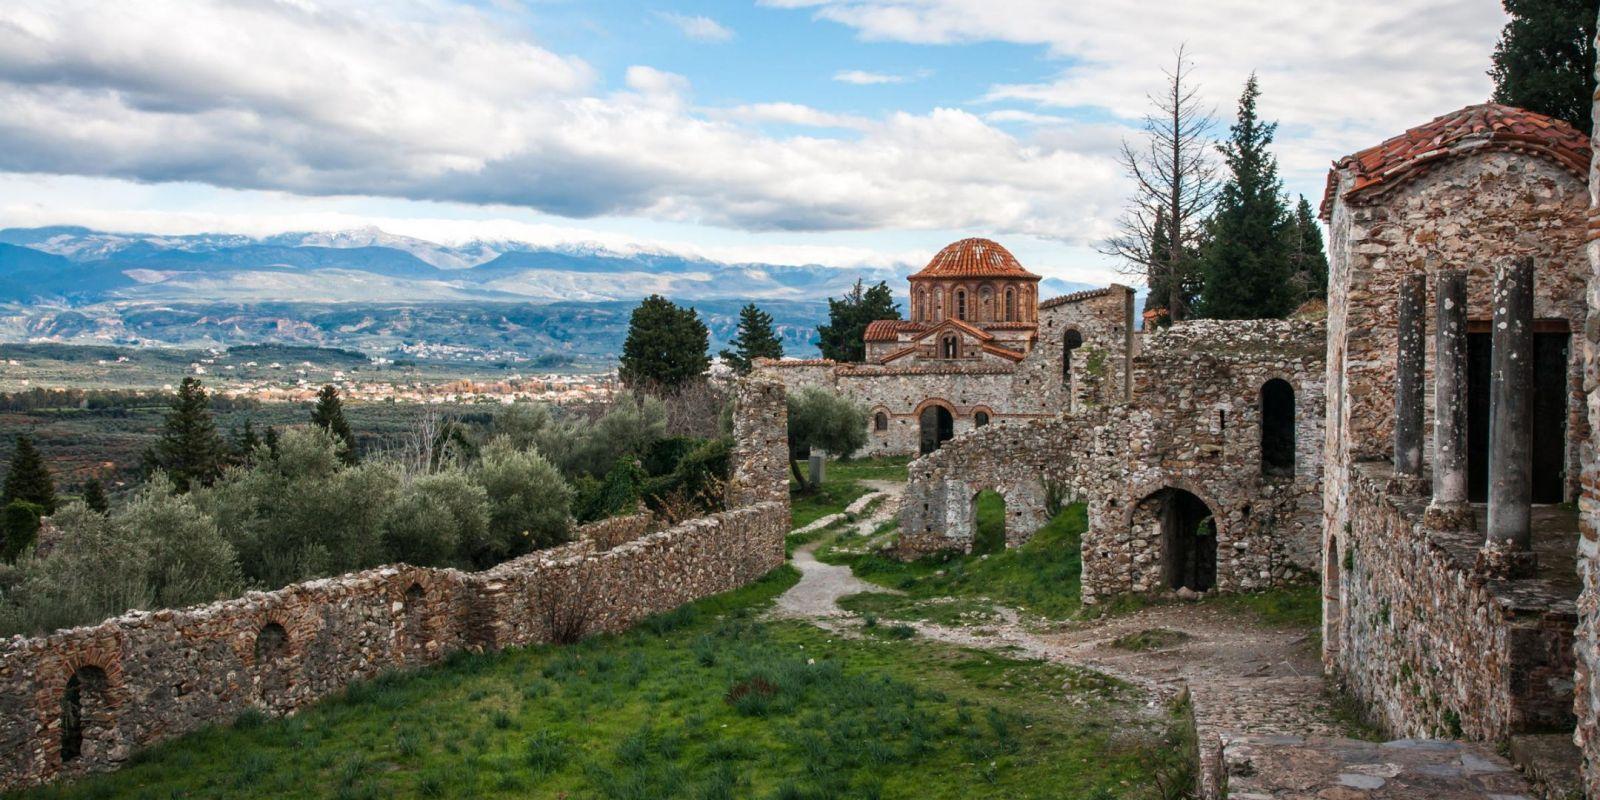 Mystras, Greece - Greece+Albania off-season UNESCO sites tour 22 days from Athens. Monterrasol Travel minivan private tour.